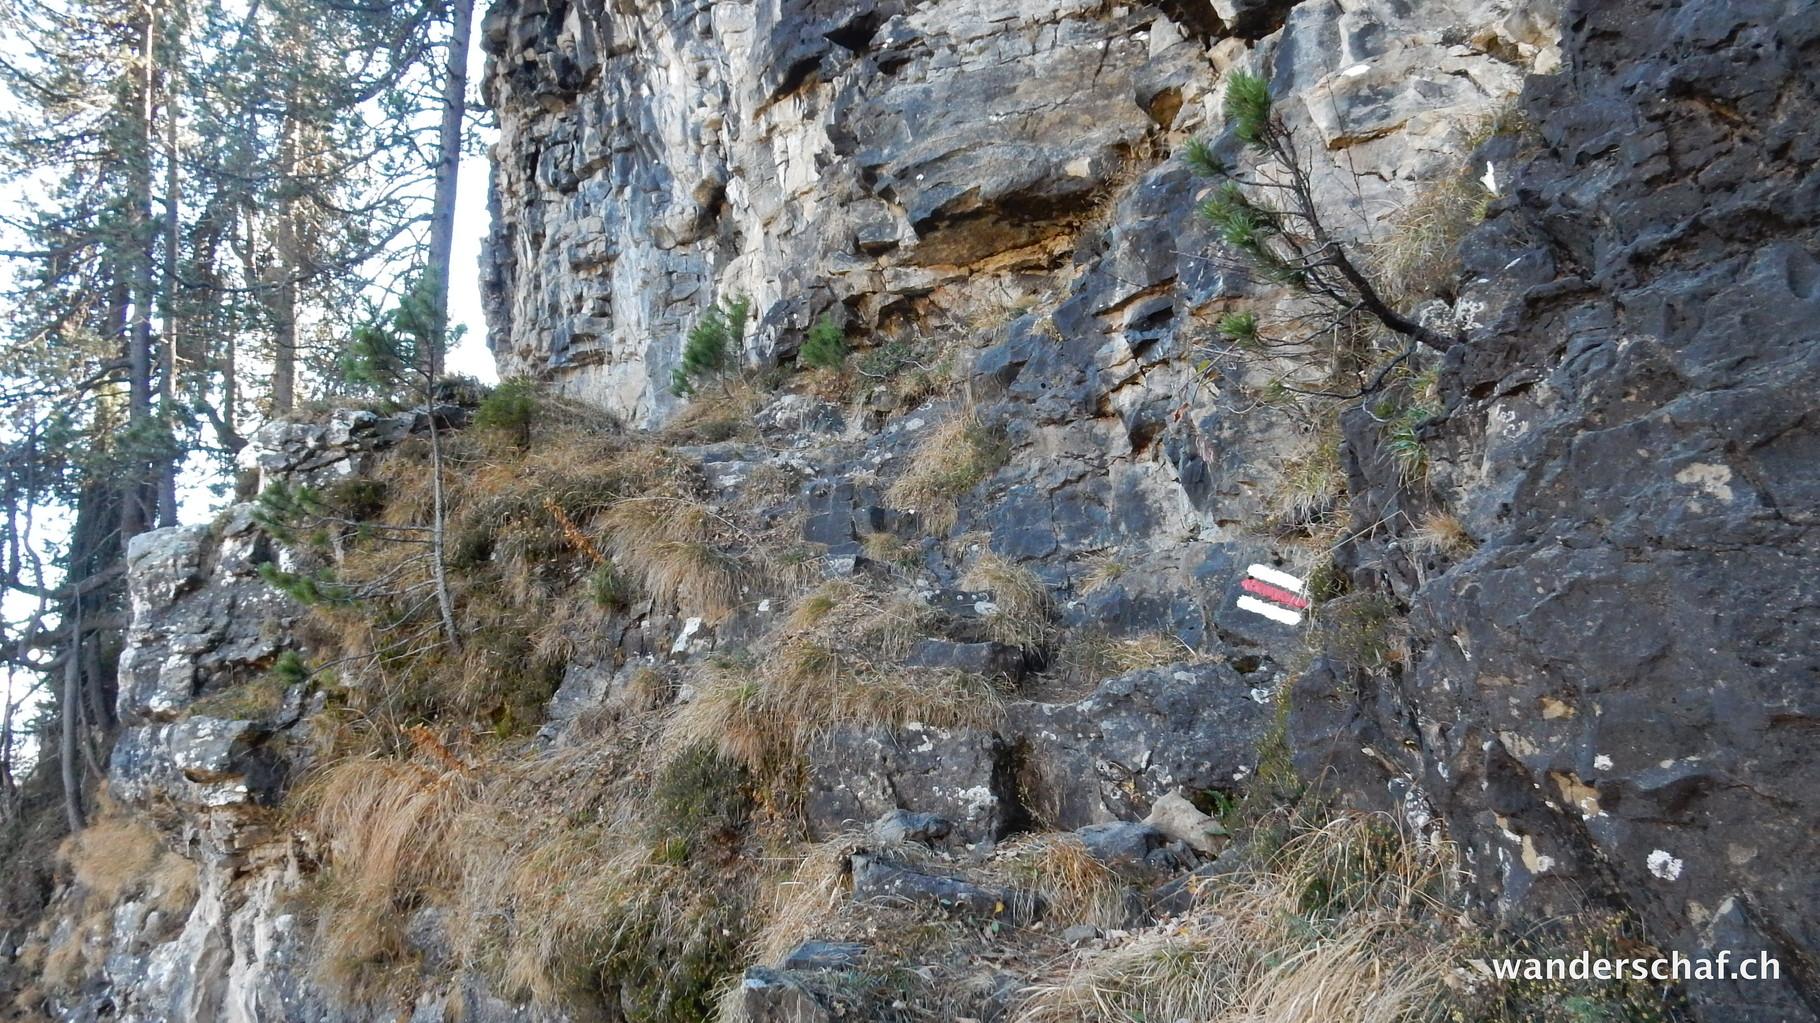 weiter geht's auf dem Bergweg Richtung Trogenalp